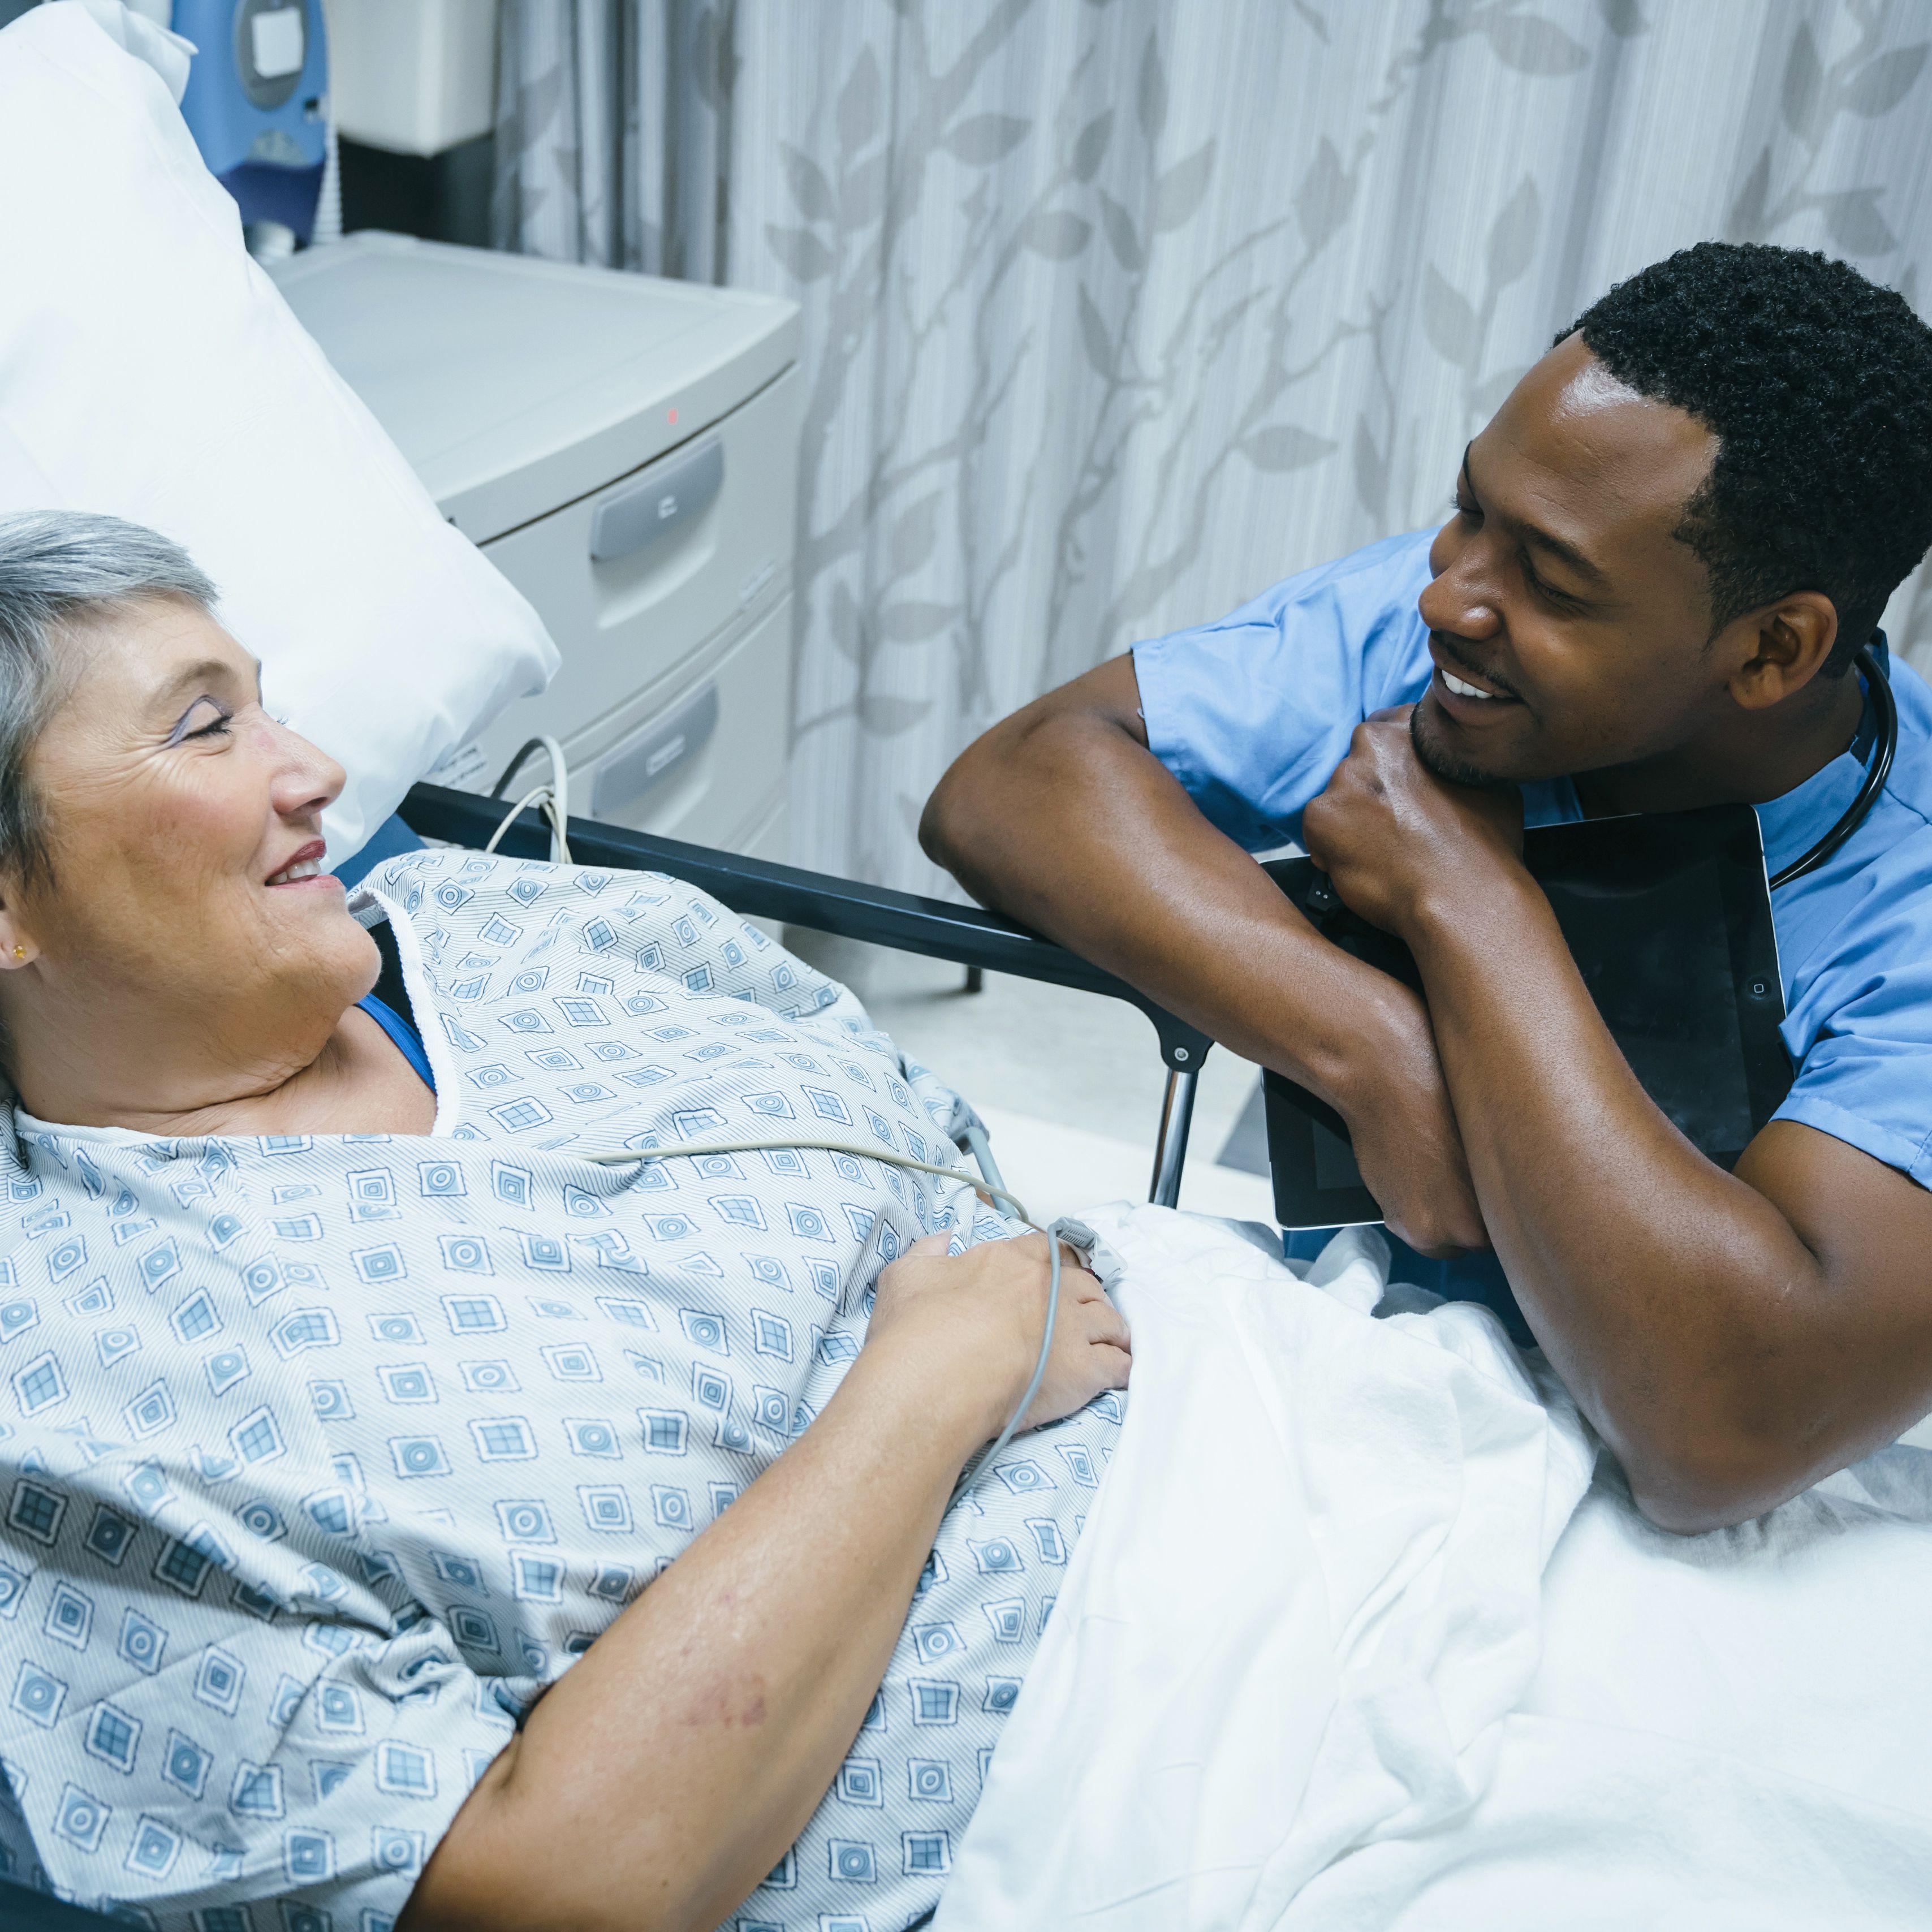 استفاده از لیزر برای درمان زخم بستر چه مزایایی را به همراه دارد؟